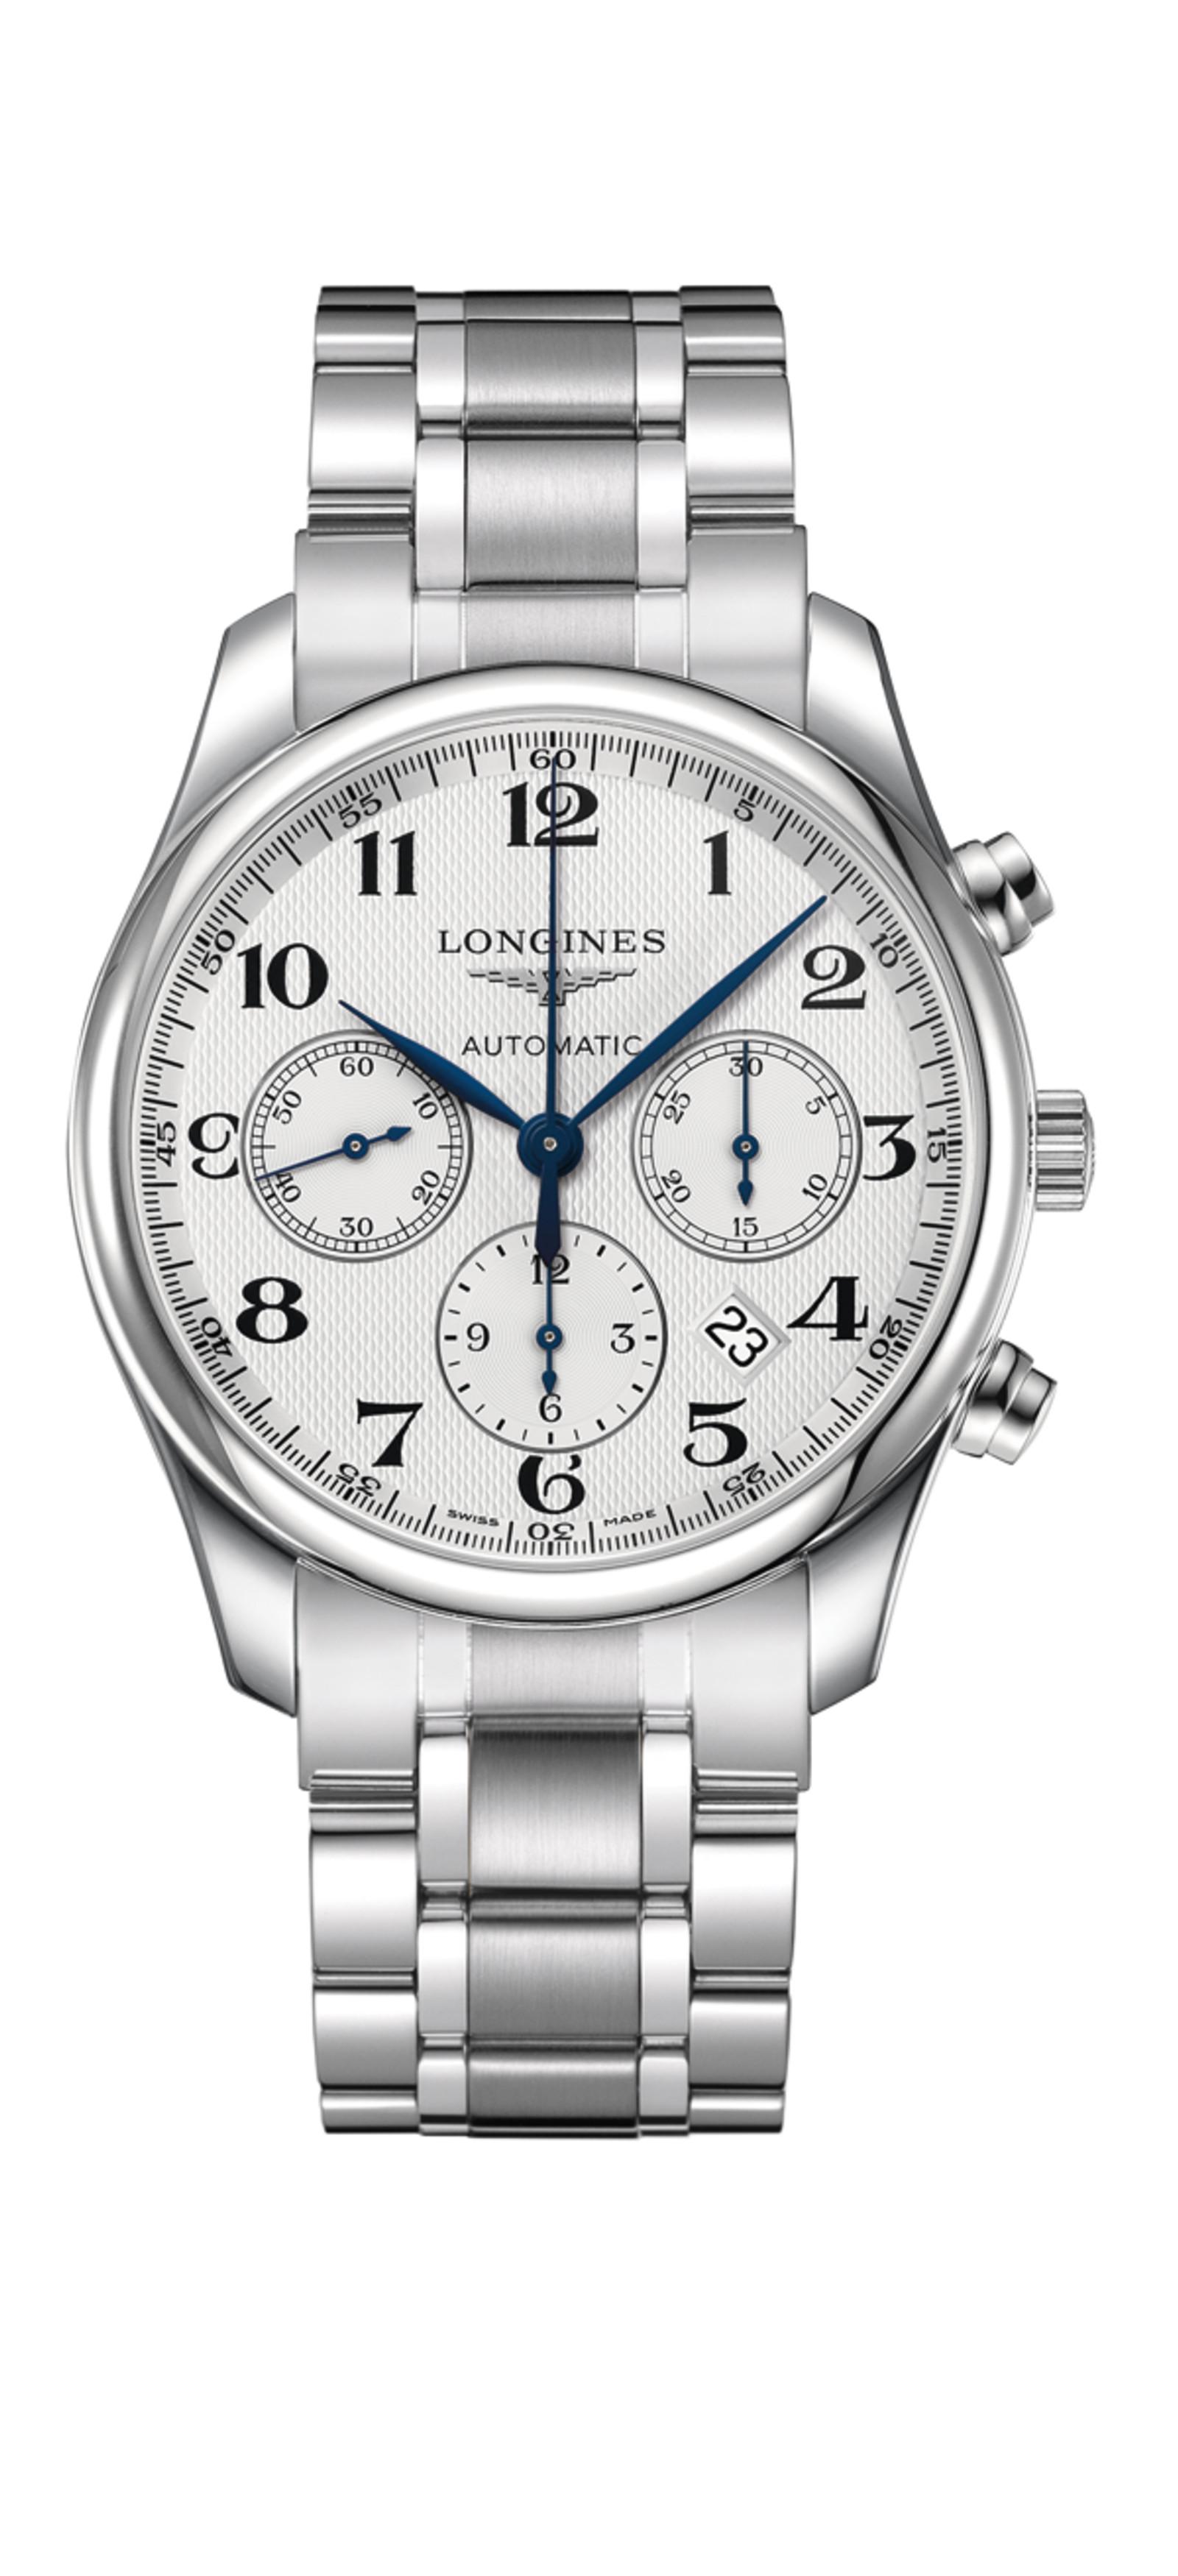 все часы longines master collection l2 759 4 78 5 поиска Поиск new